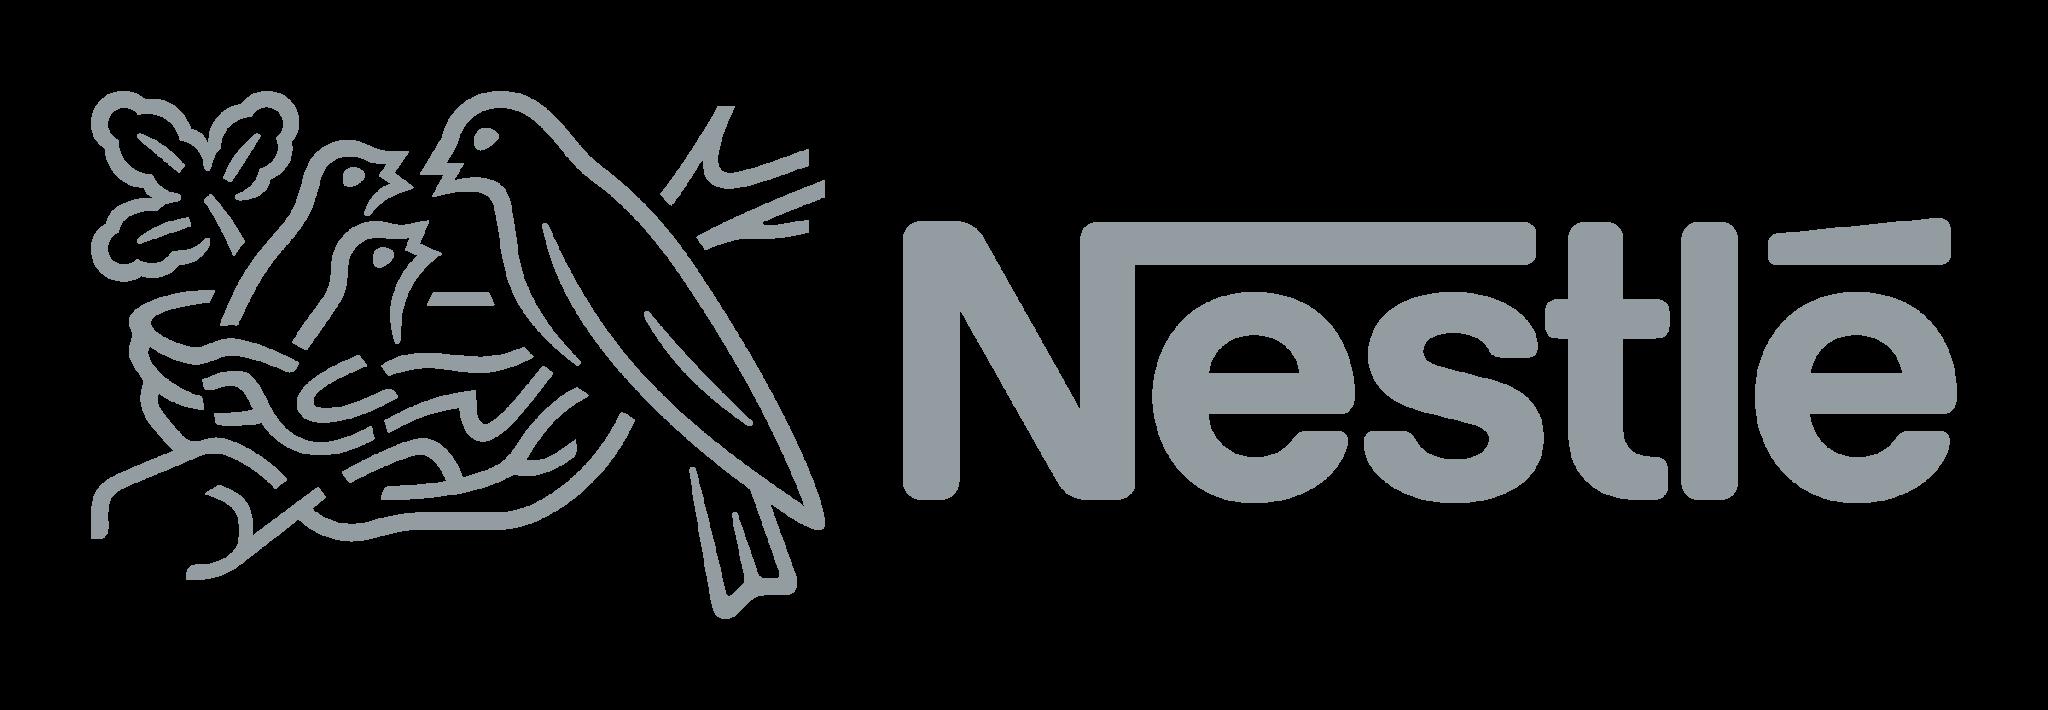 aandeel nestle logo